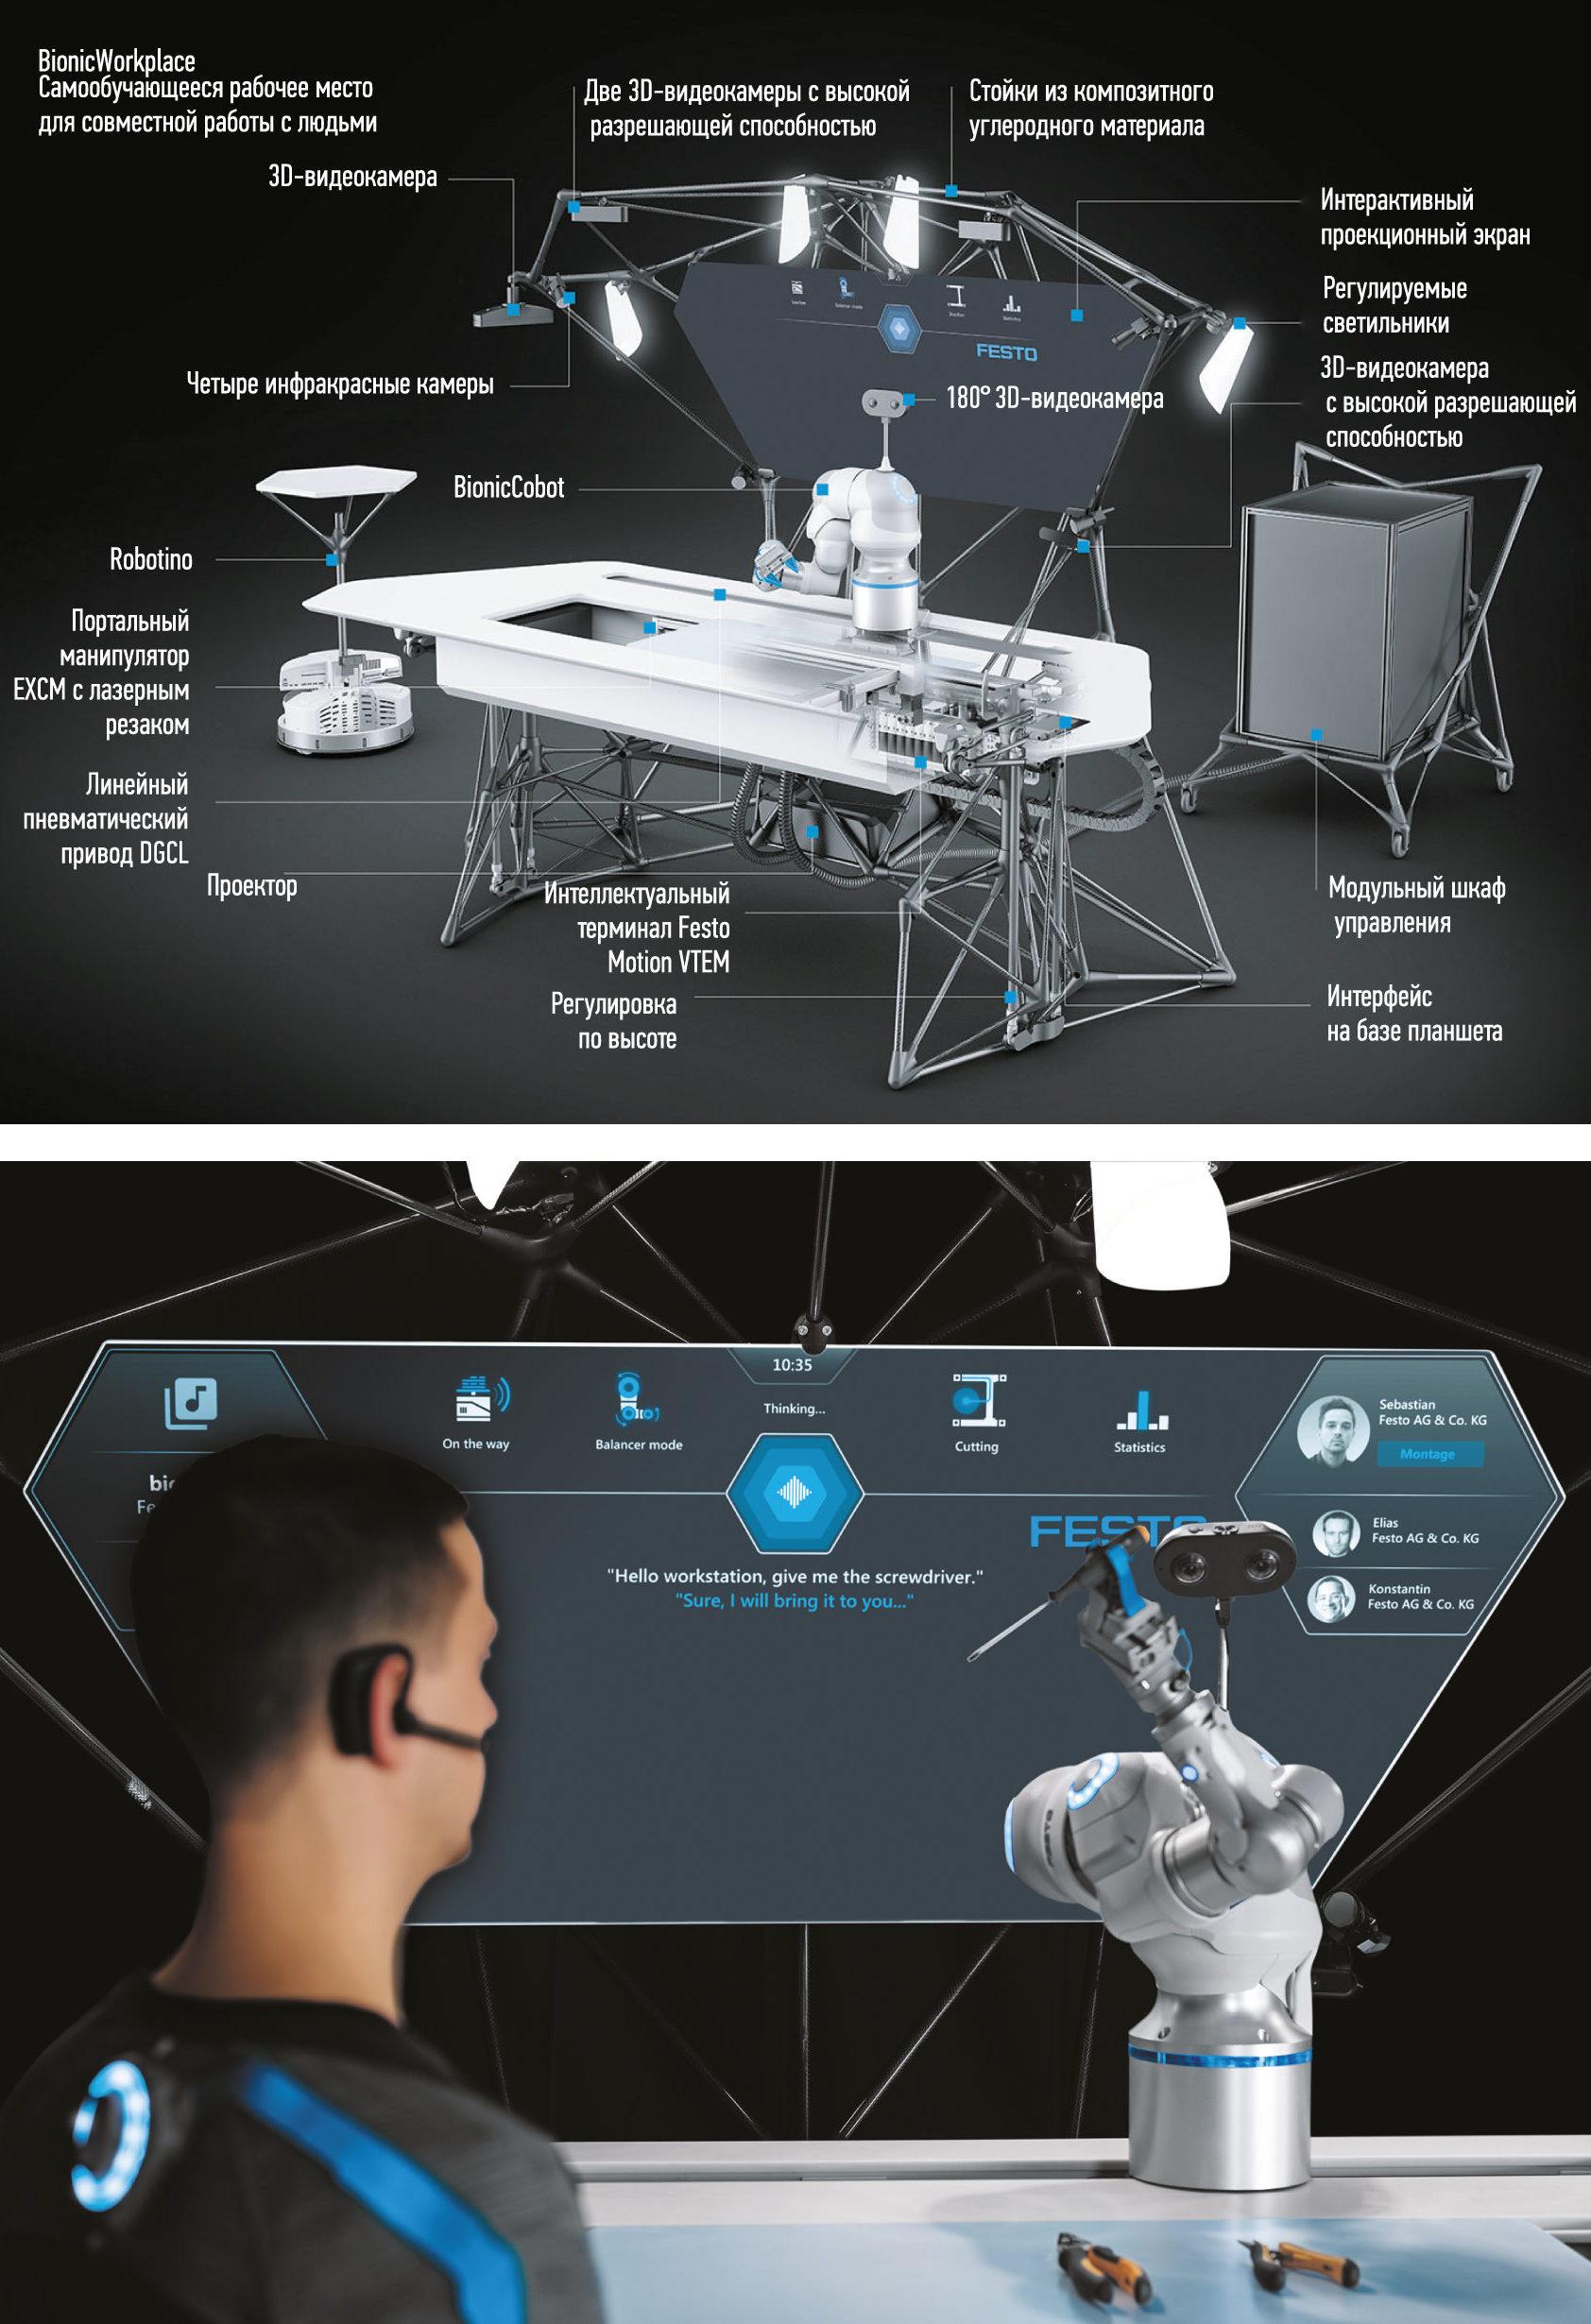 Интеллектуальное рабочее место BionicWorkplace и коллаборативный бионический робот от компании Festo